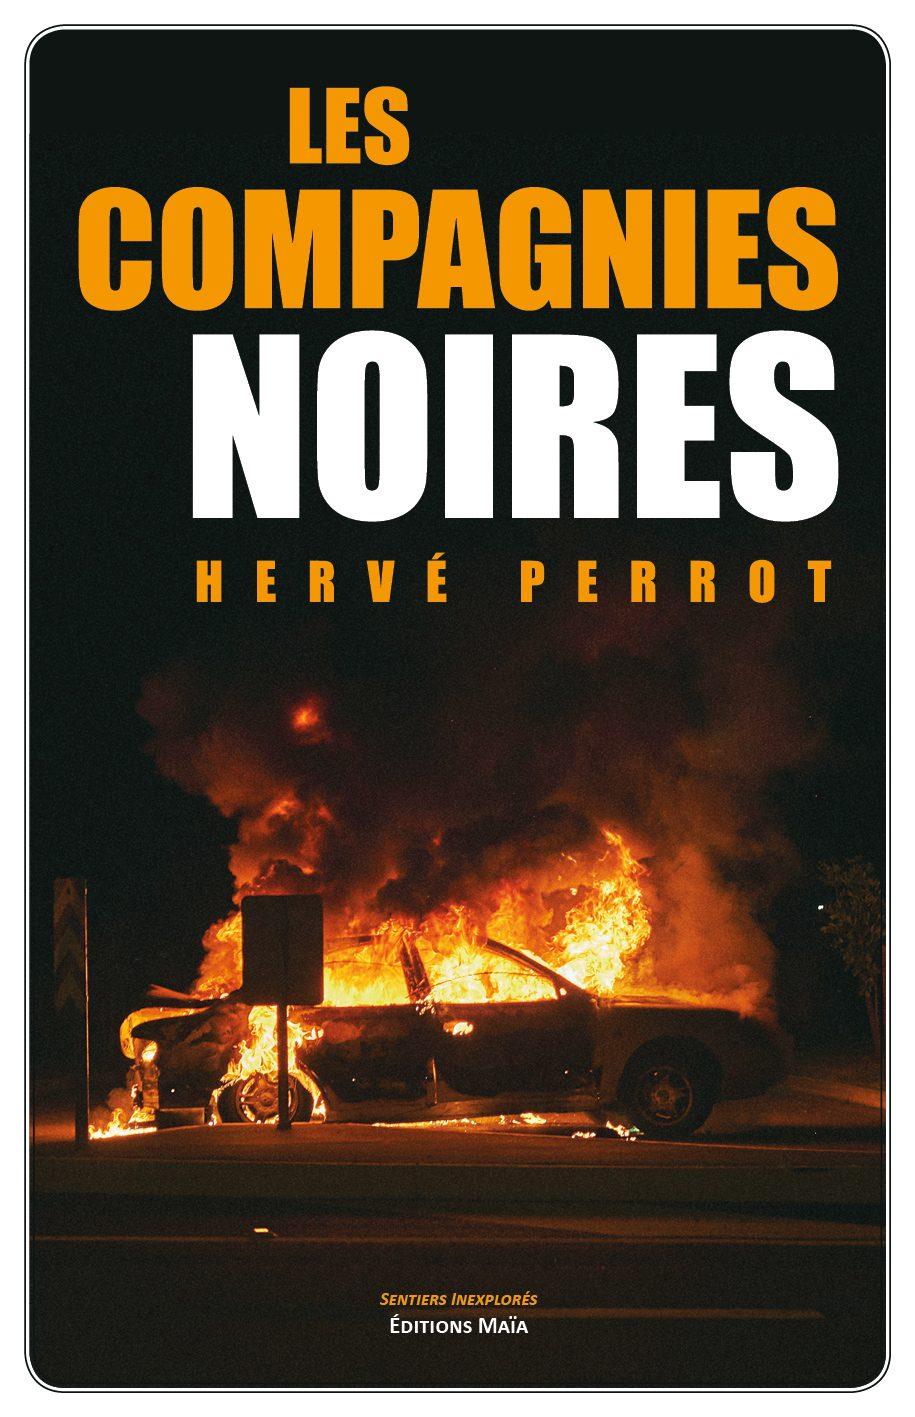 Entretien avec Hervé Perrot – Les Compagnies noires